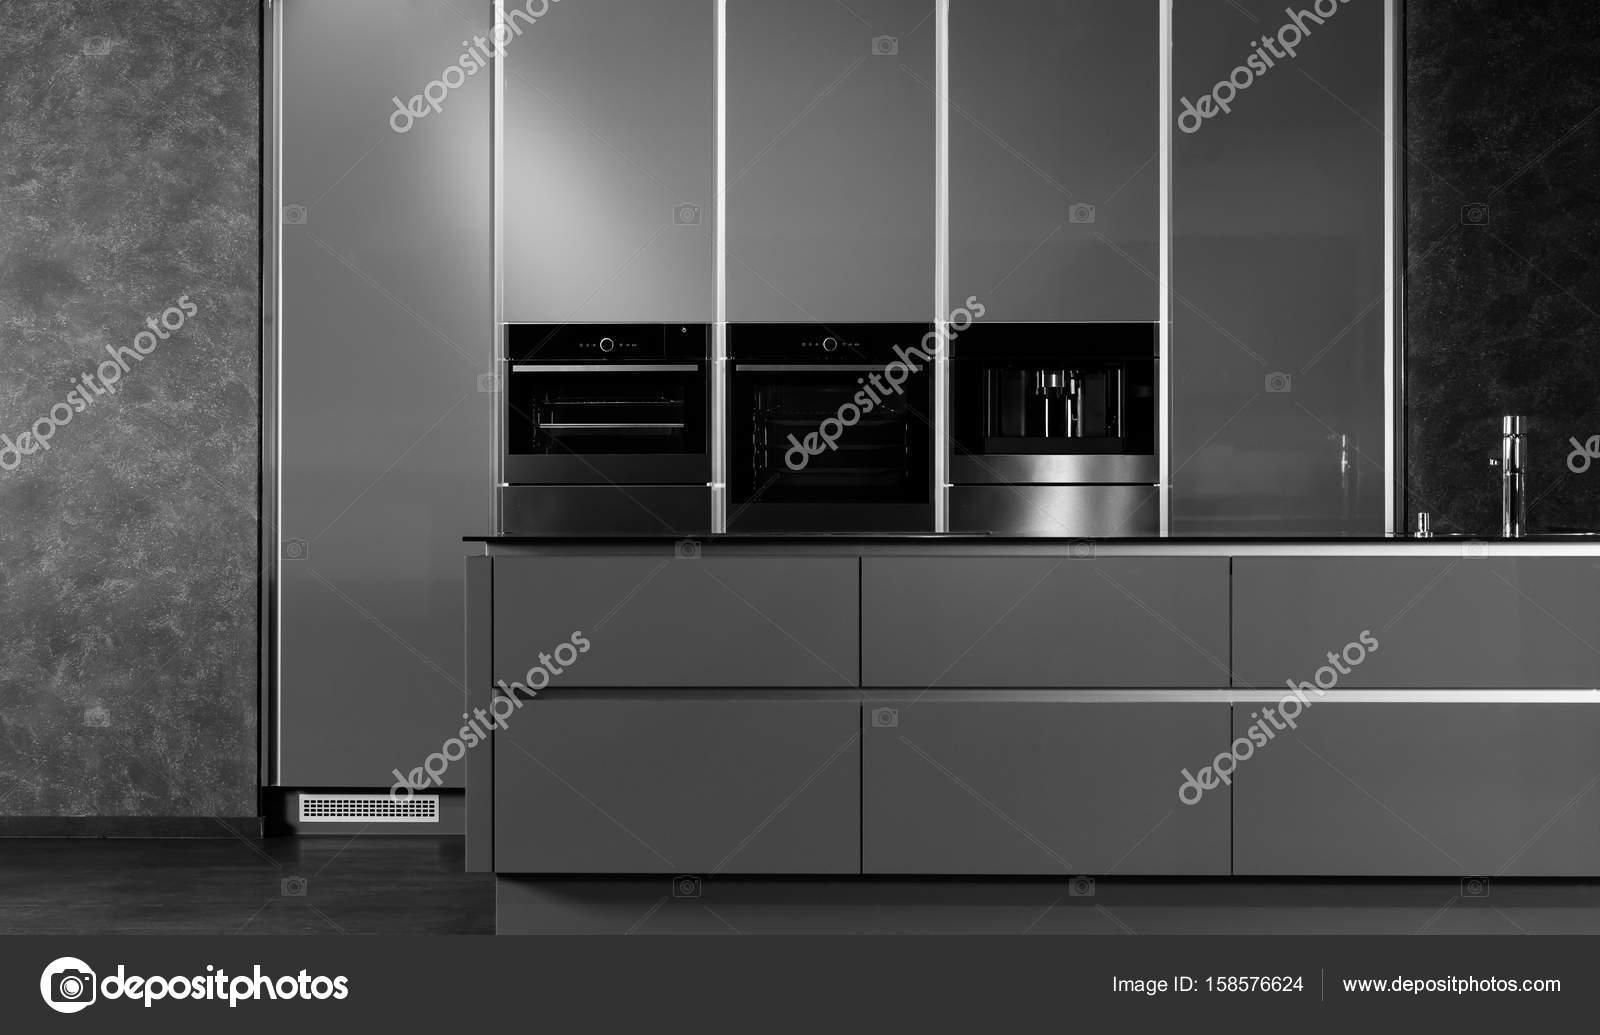 Idée de cuisine minimaliste — Photographie Myvisuals ...